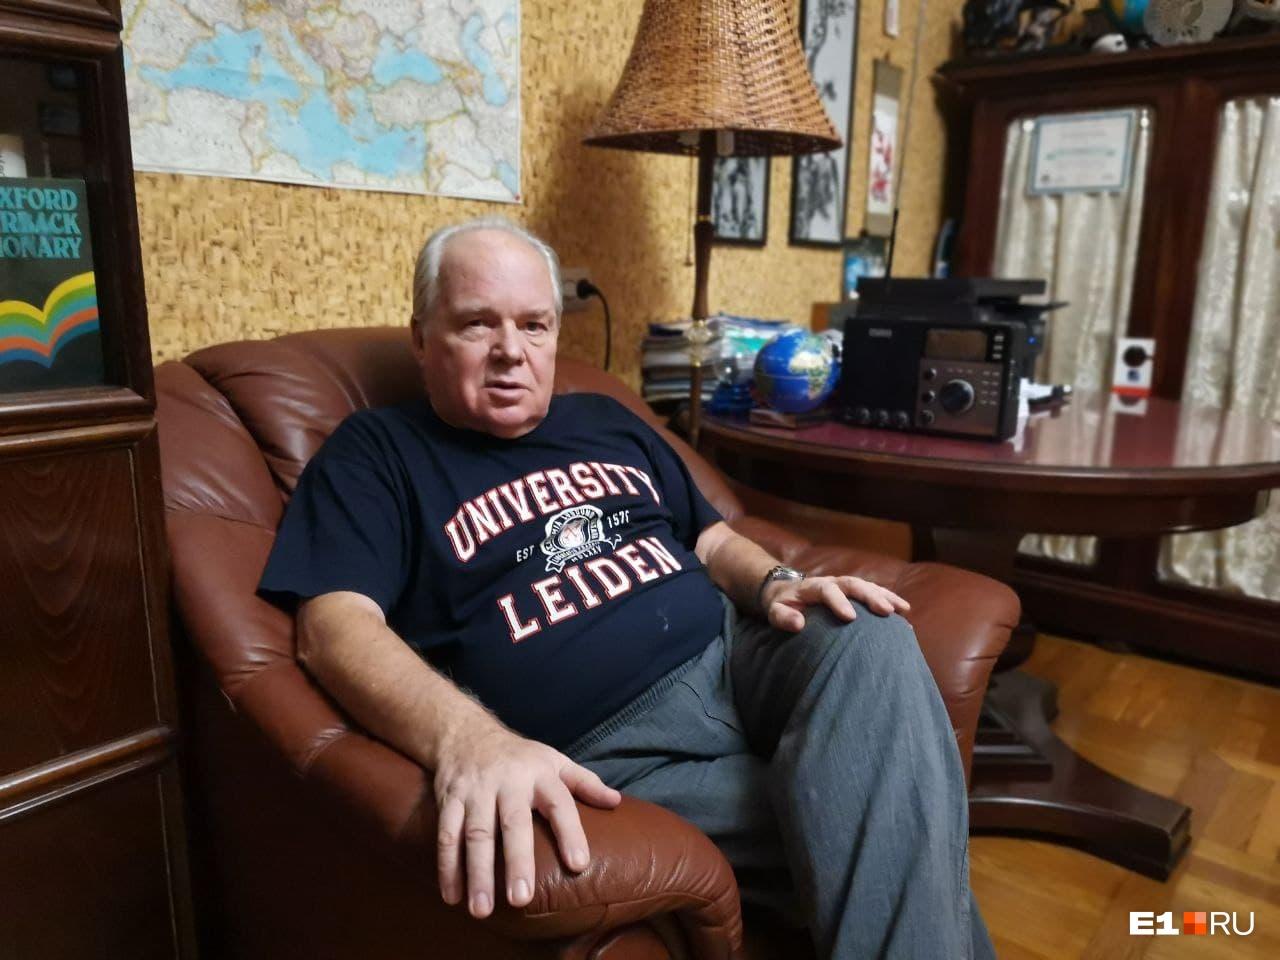 Михаил Виссарионович живет в этой квартире с 1979 года и переезжать не планирует